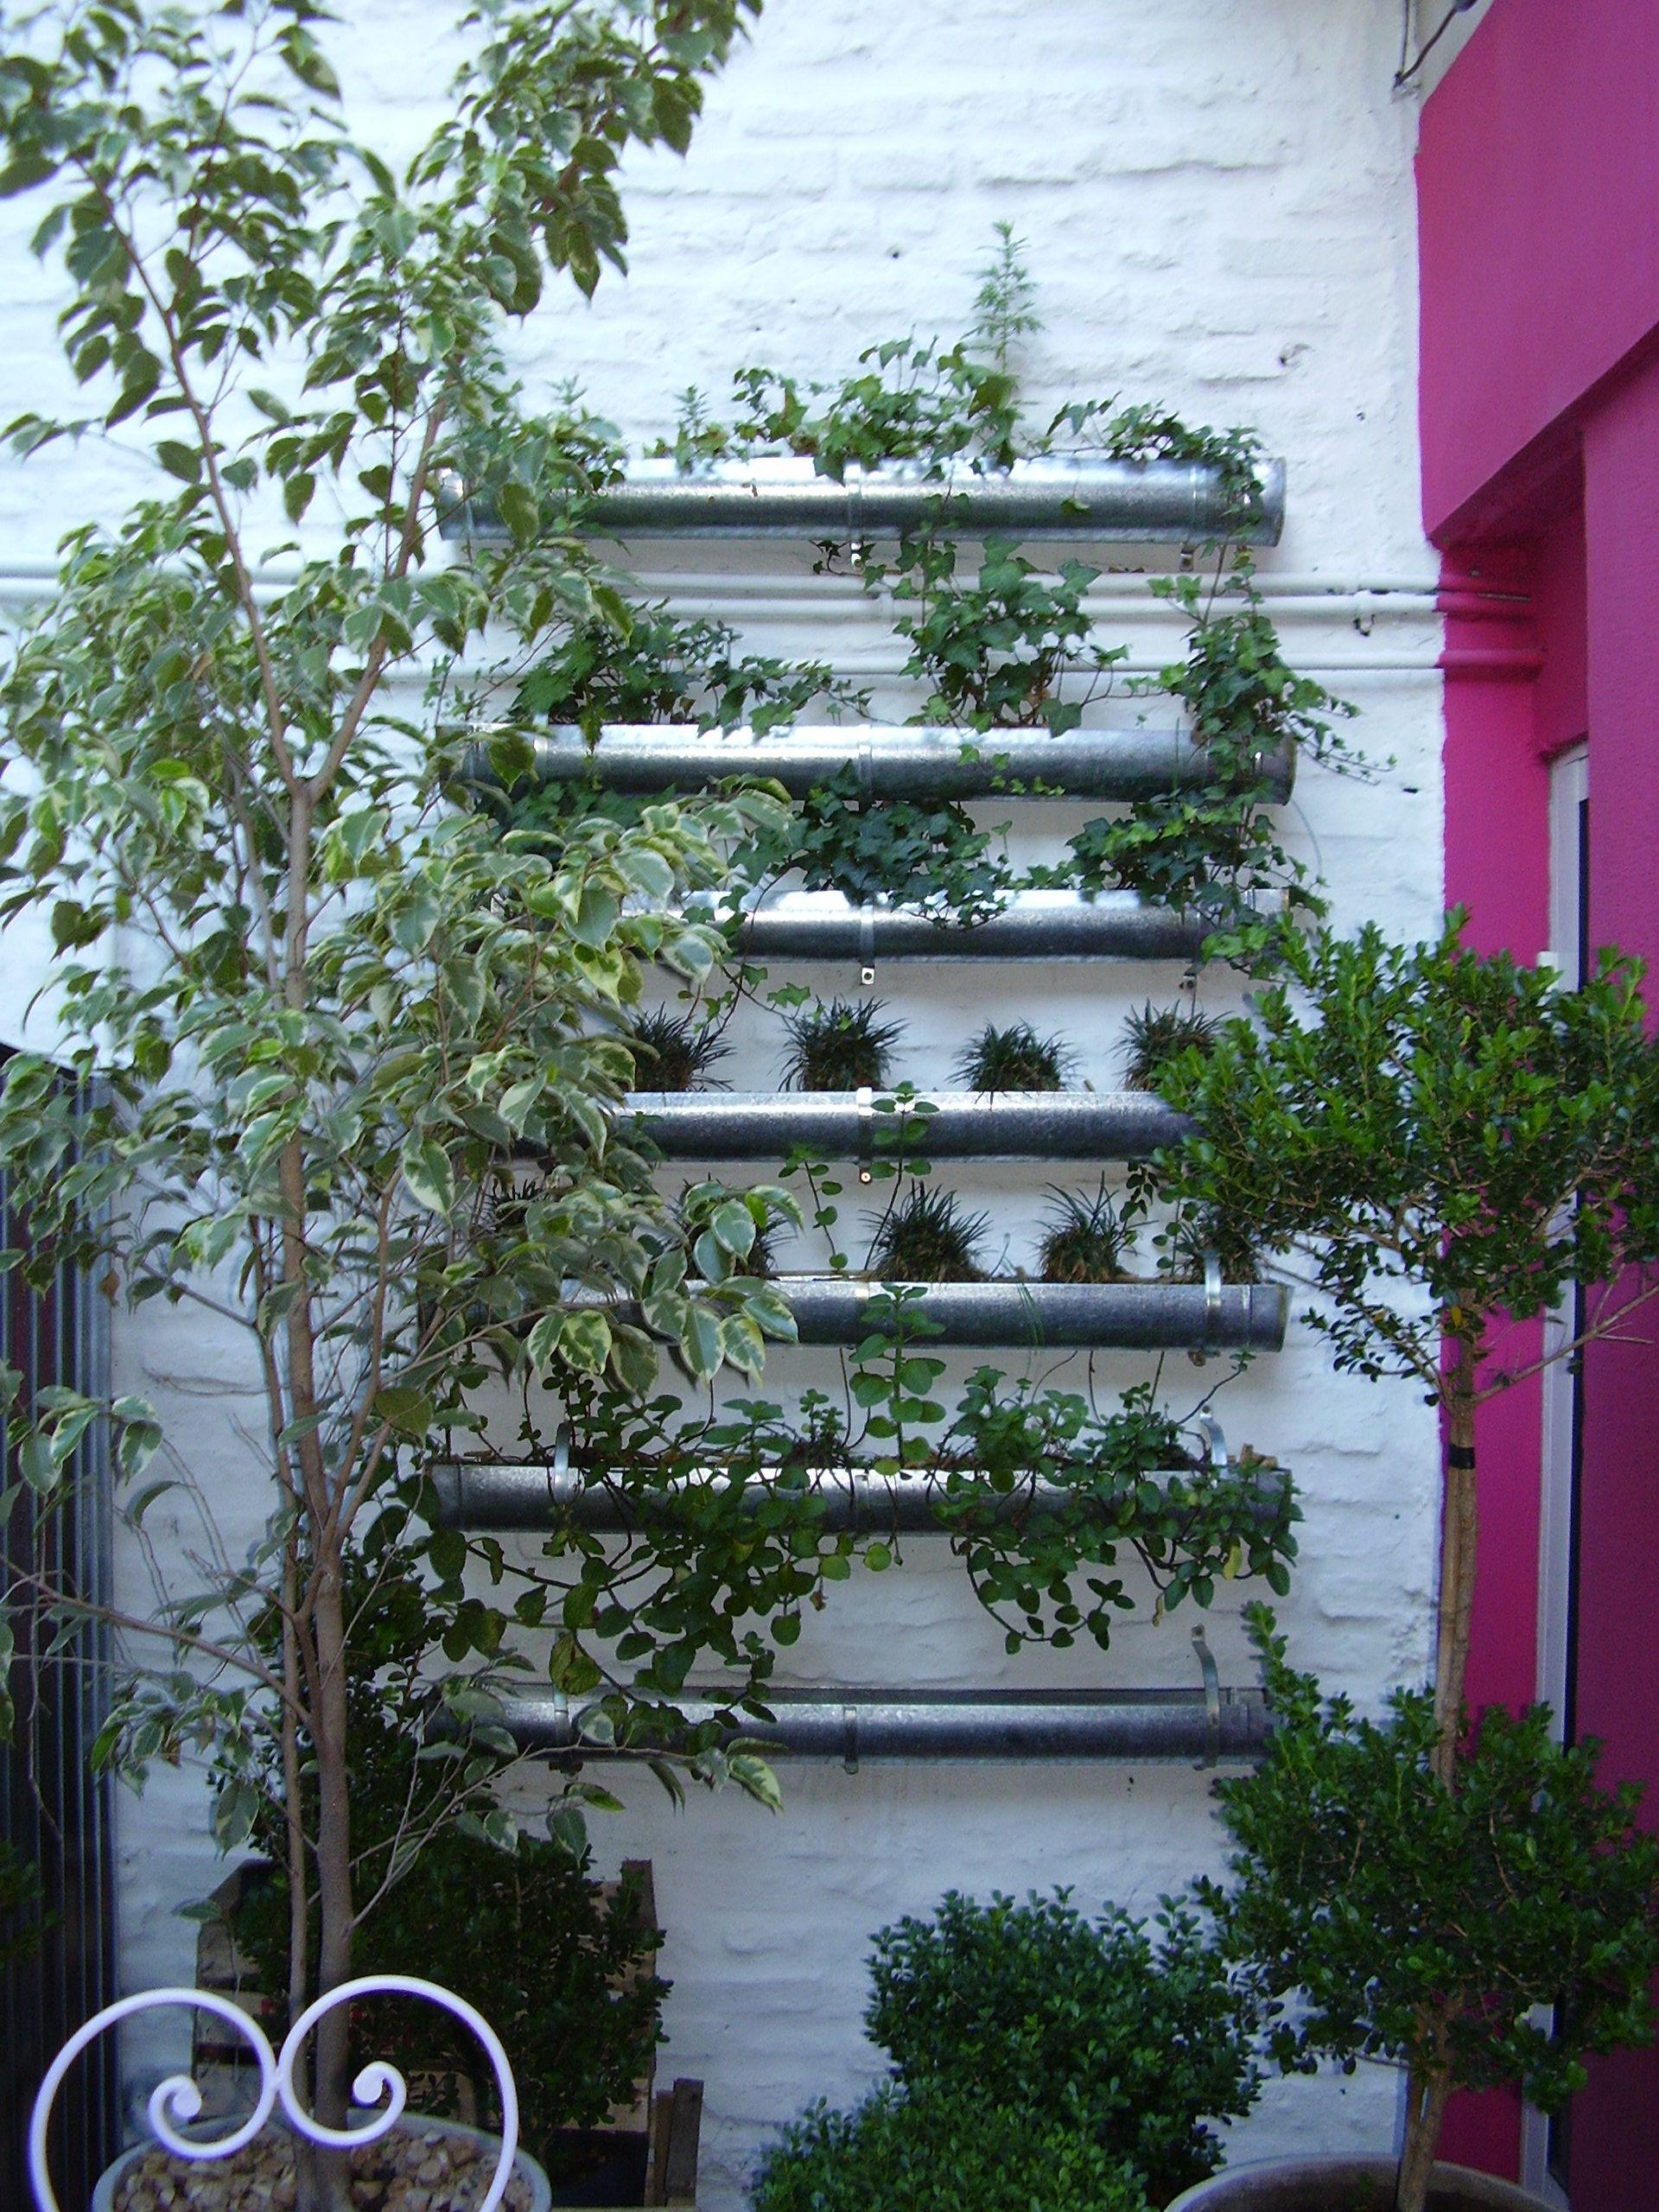 Encantador Jardin En Terraza Pequeña Colección de Imágenes - Ideas ...